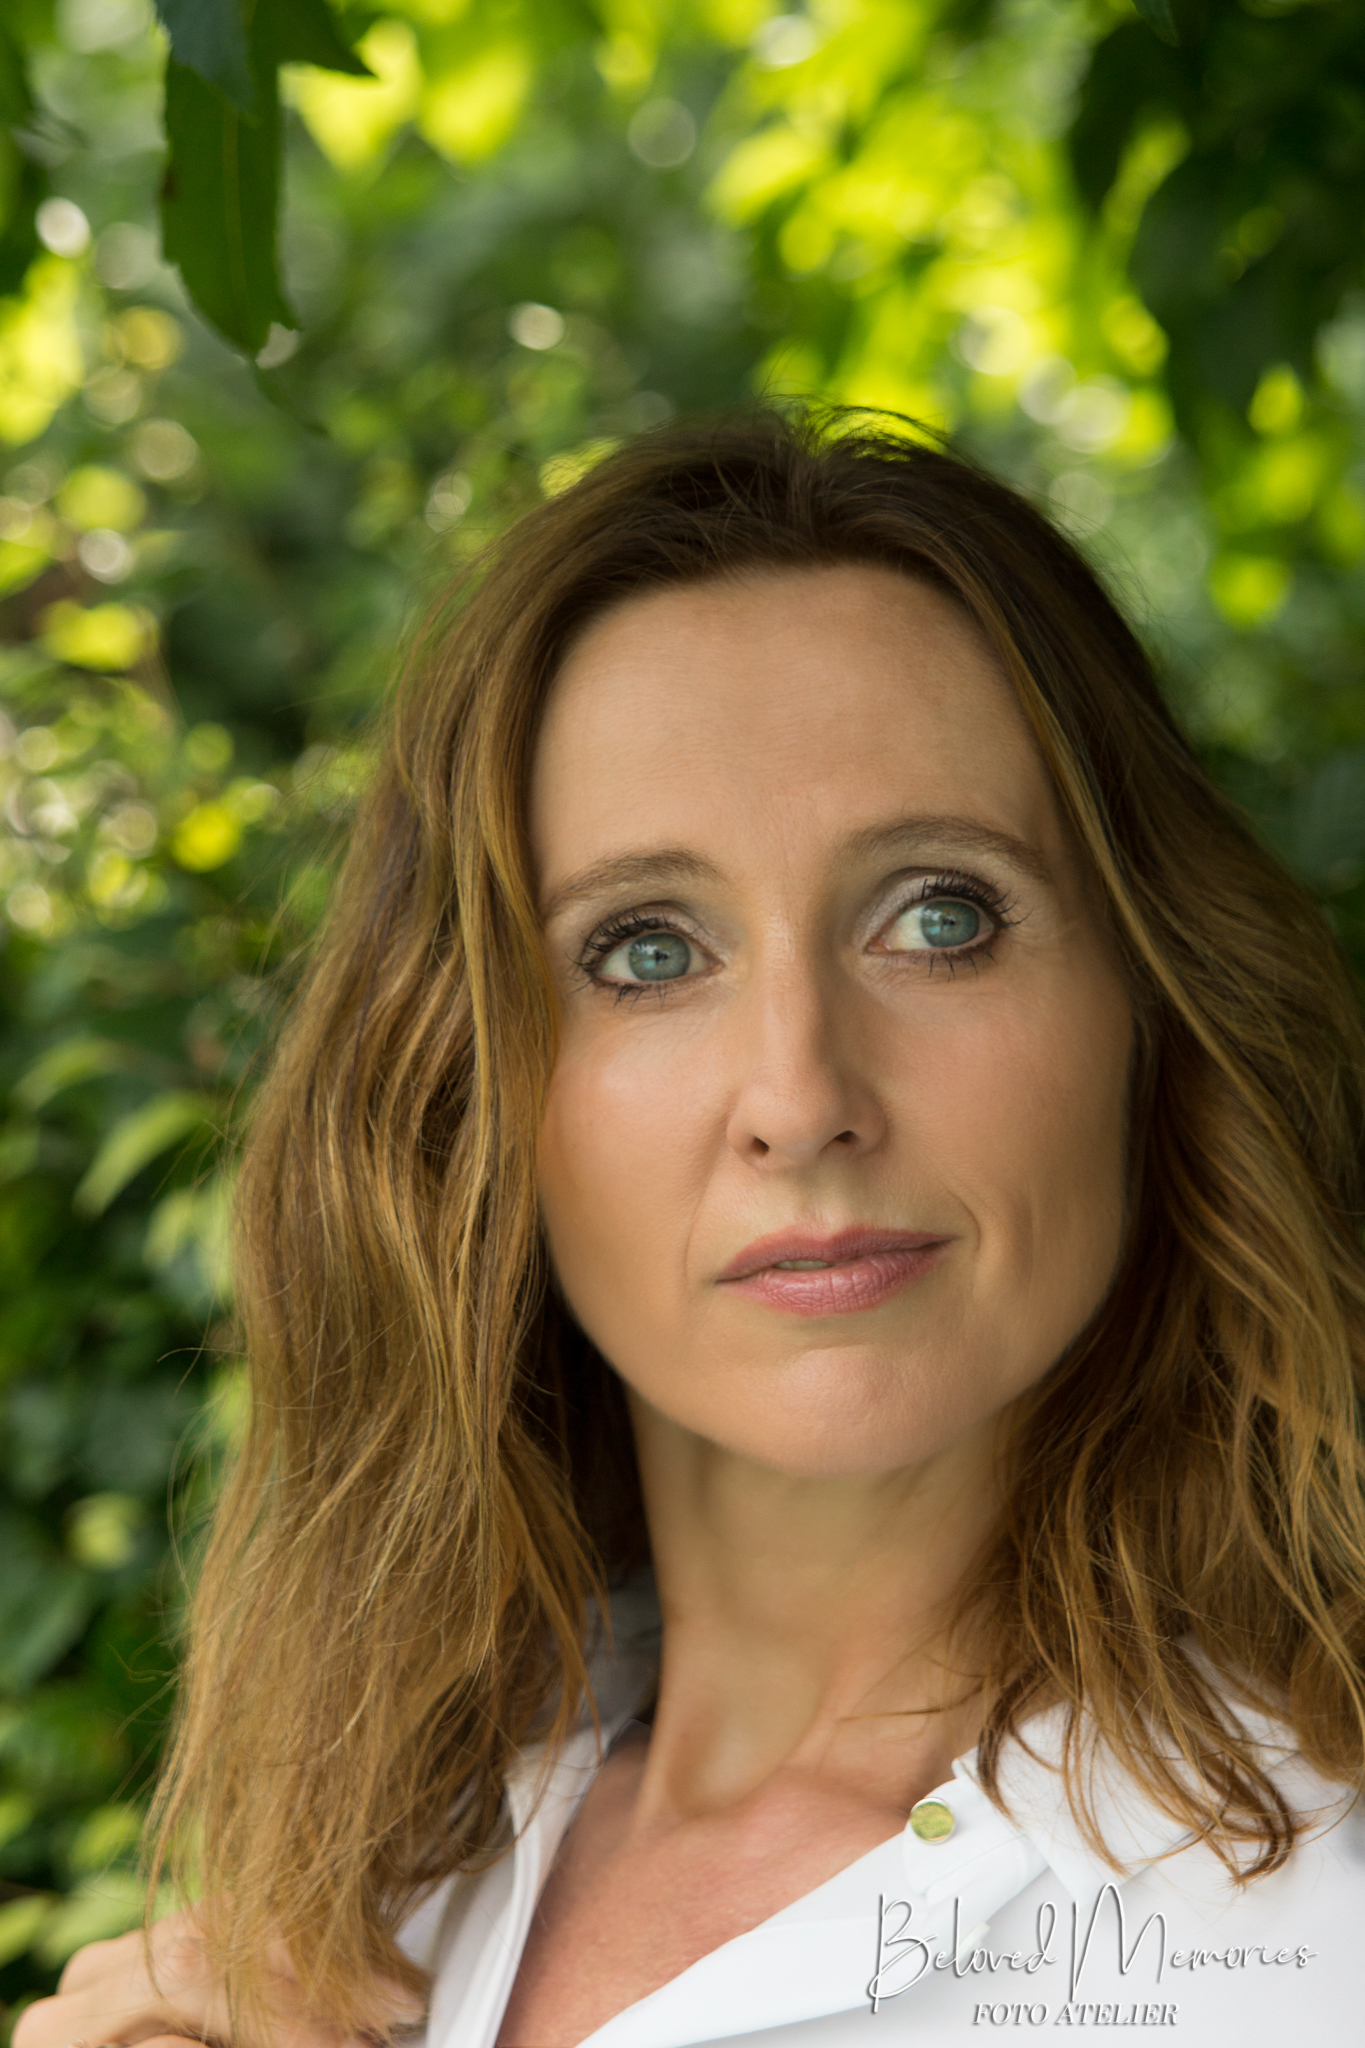 Portret Inge met natuurlijk licht